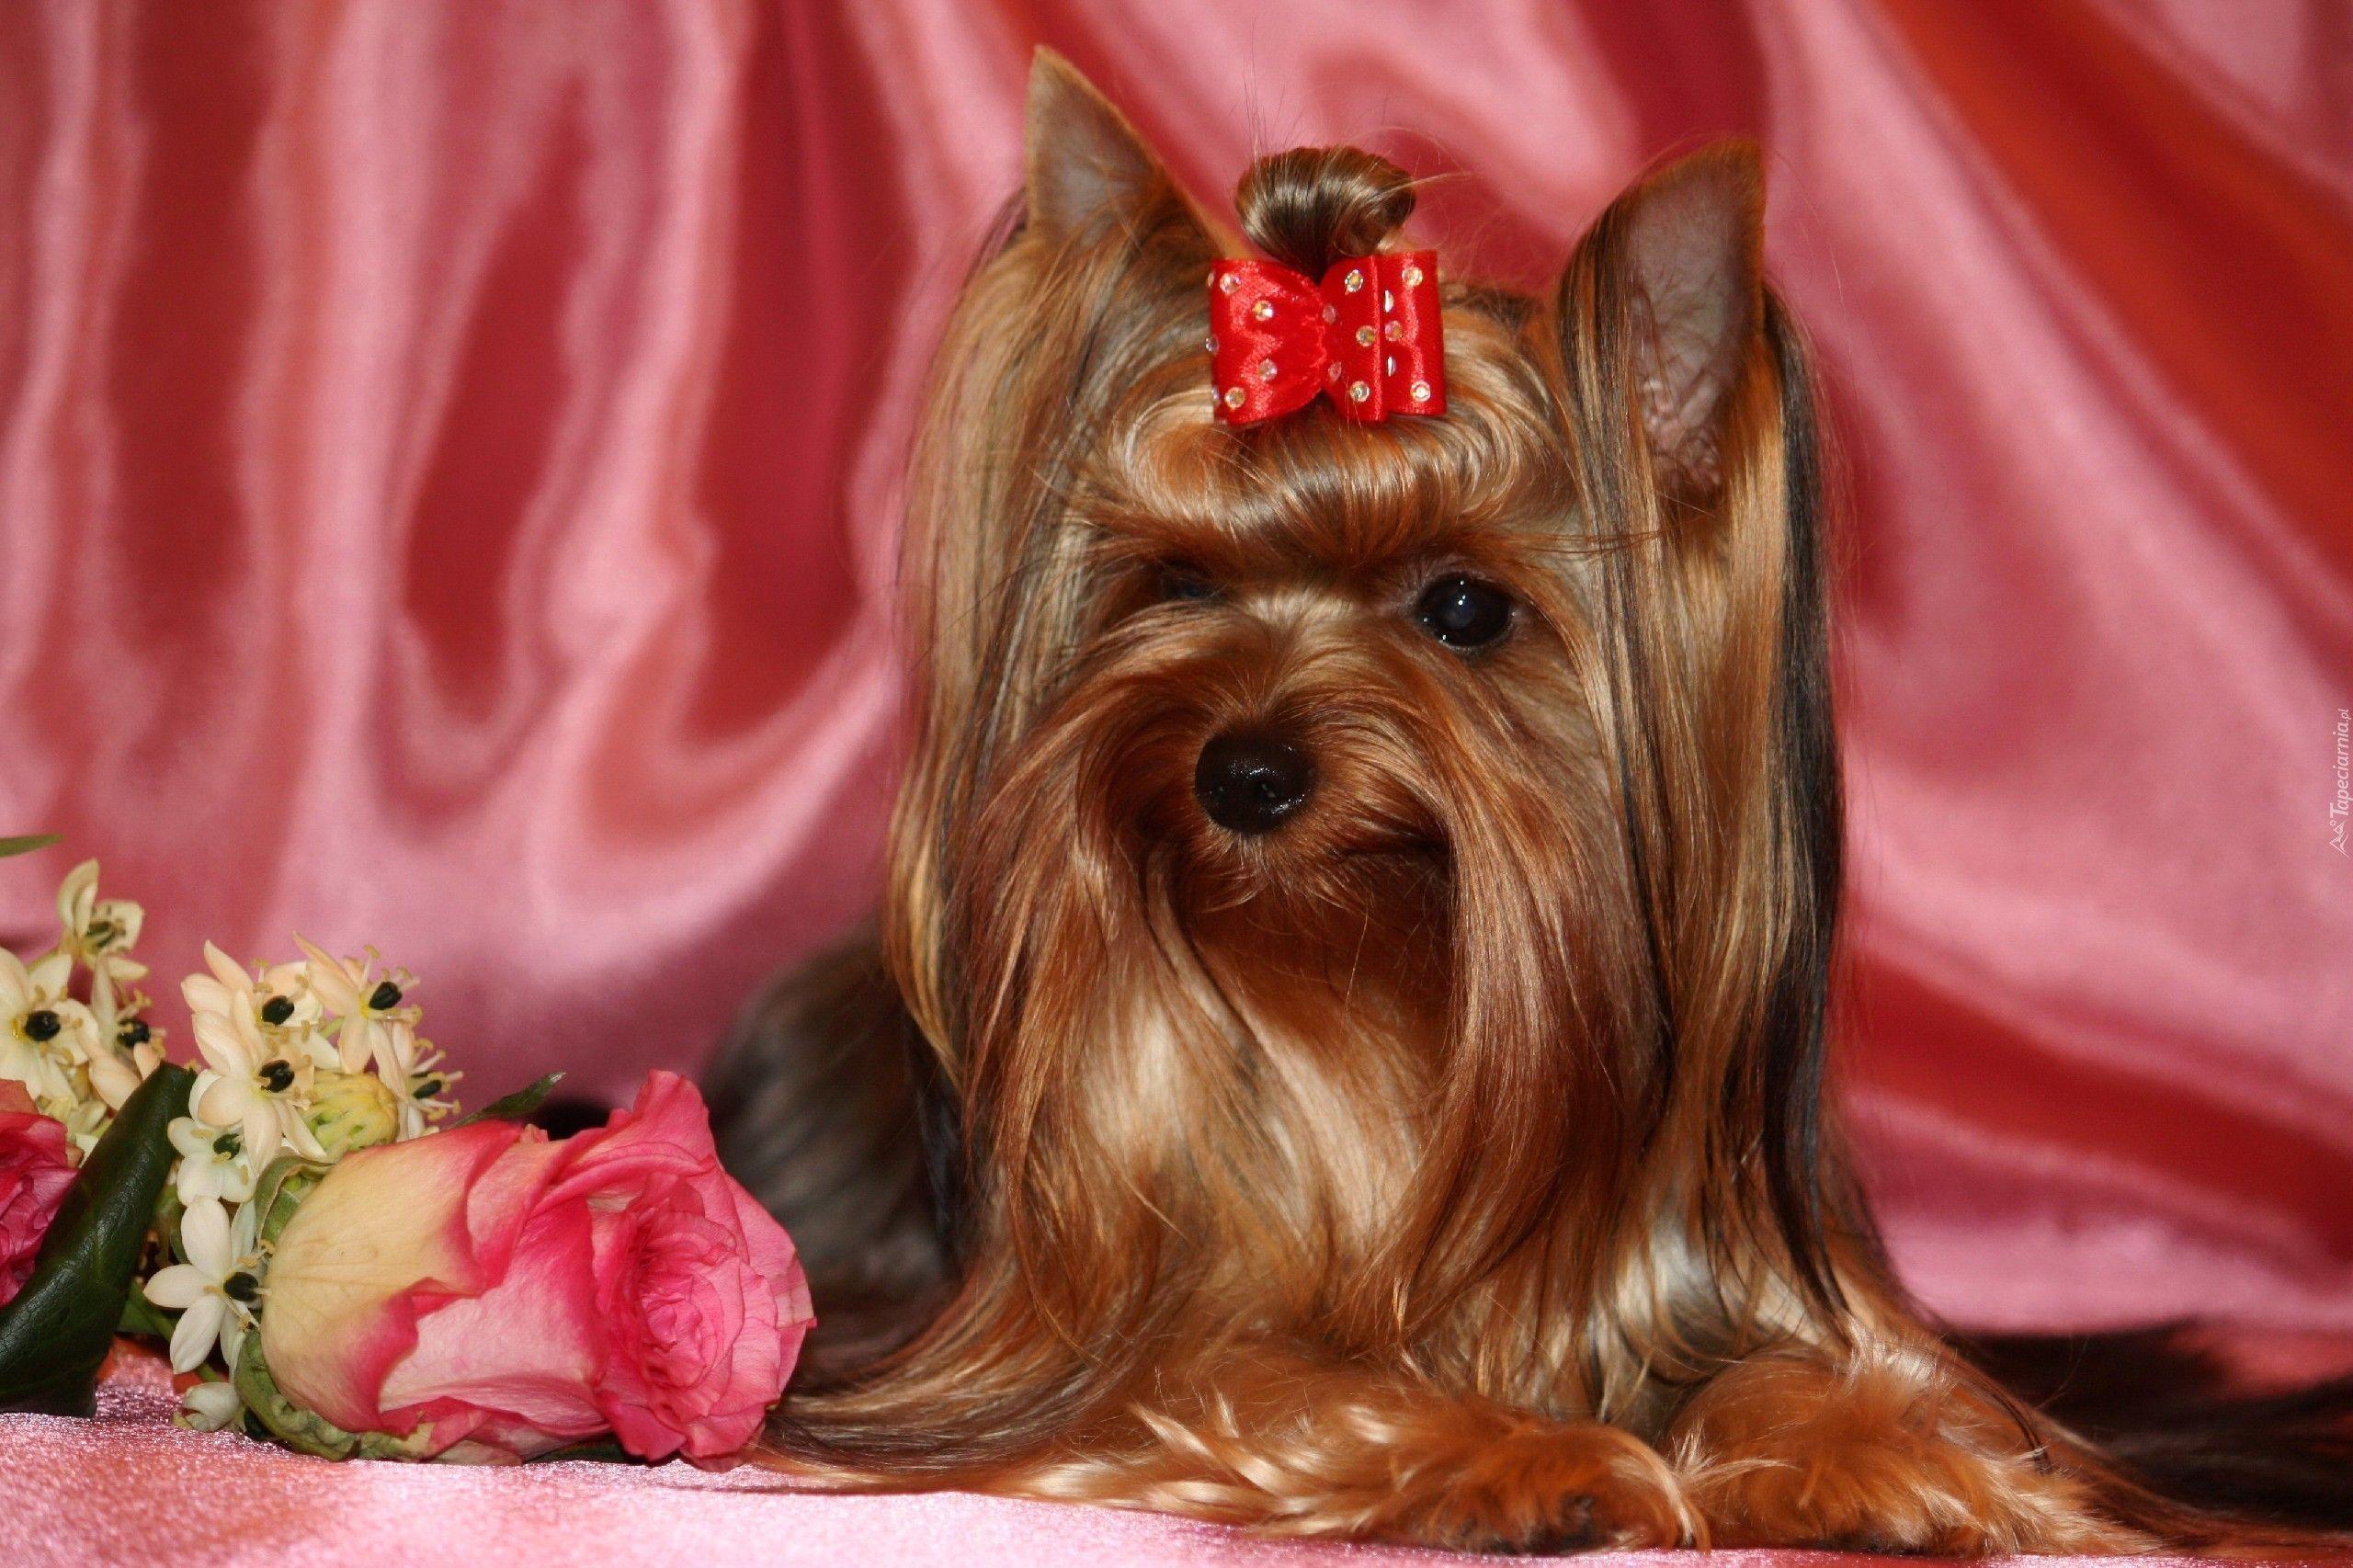 Edycja Tapety: Yorlshire Terrier, Kokardka, Kwiatki